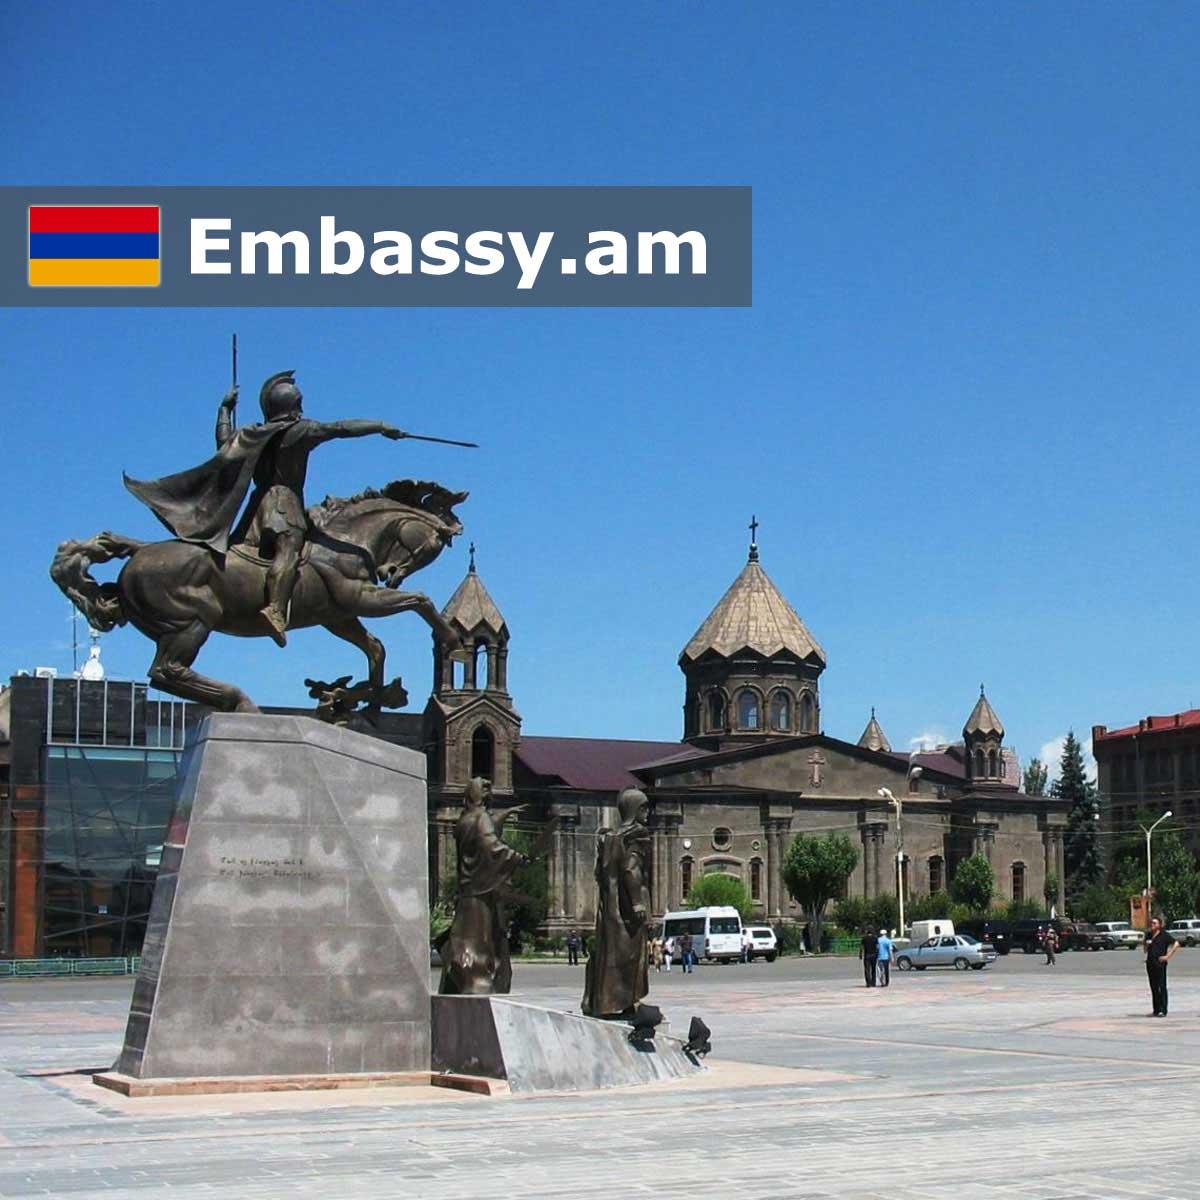 Гюмри - Отели в Армении - Embassy.am